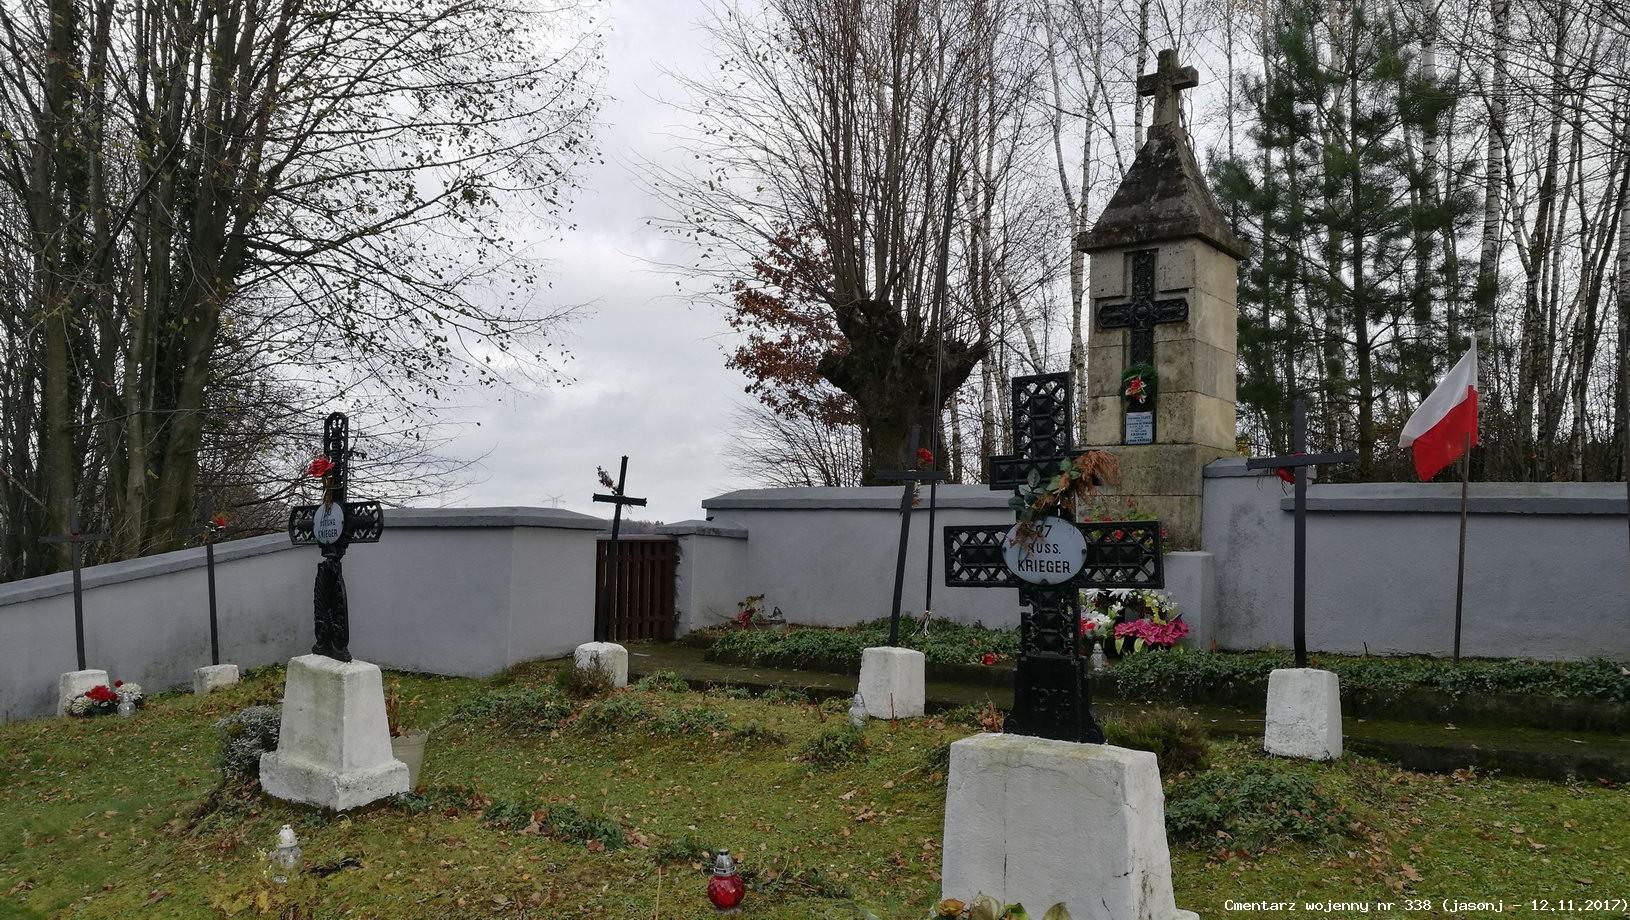 Cmentarz wojenny z I wojny nr 338 - Nieprześnia